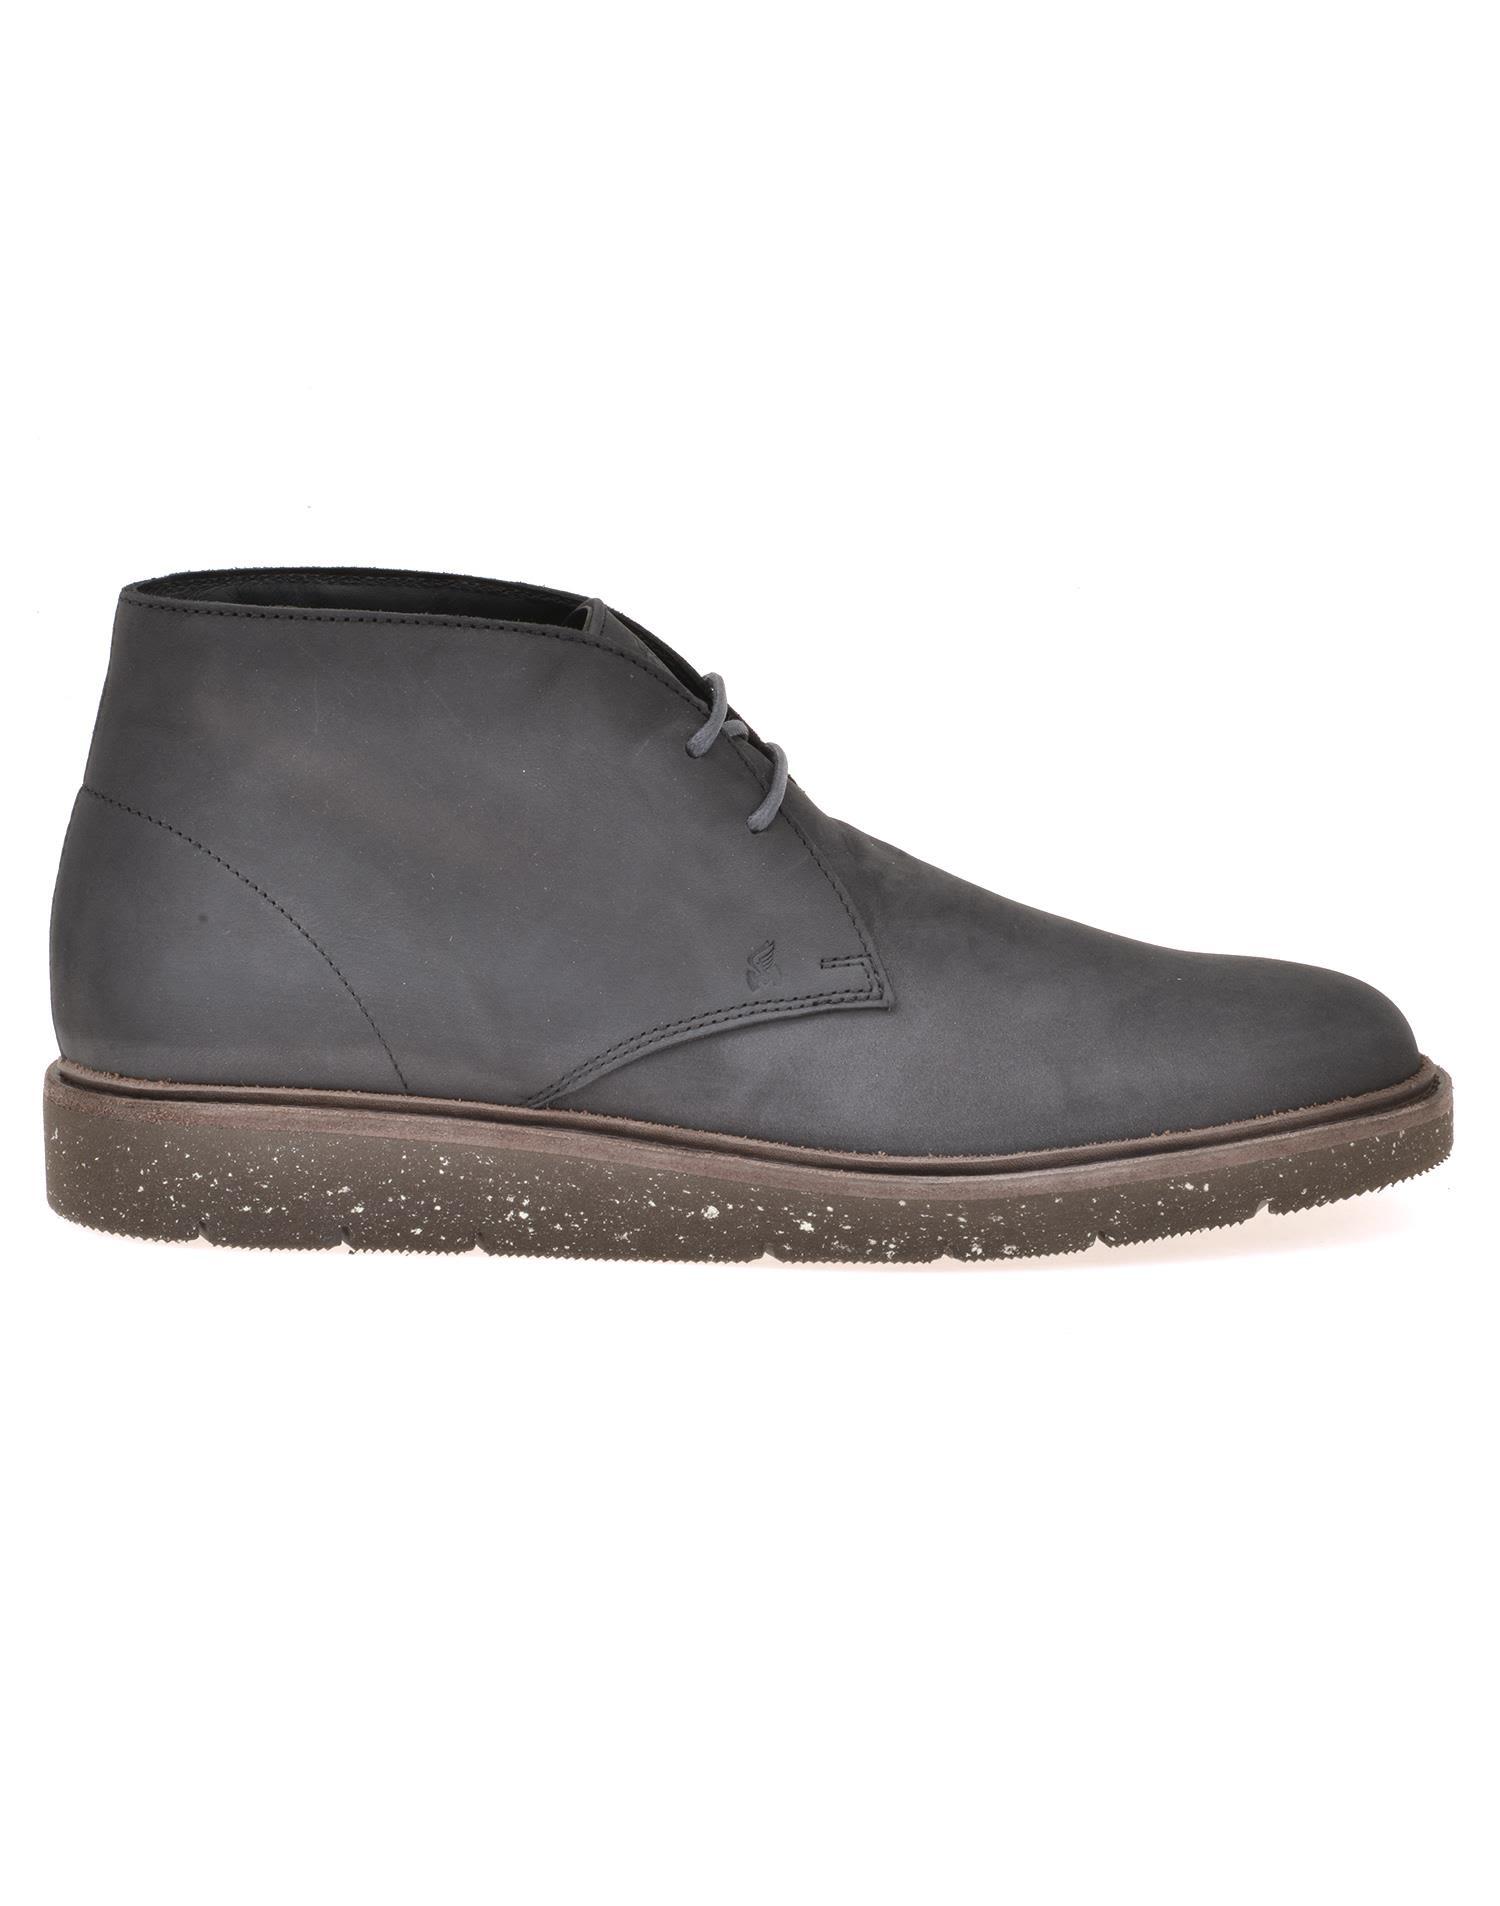 Hogan H322 Desert Boot